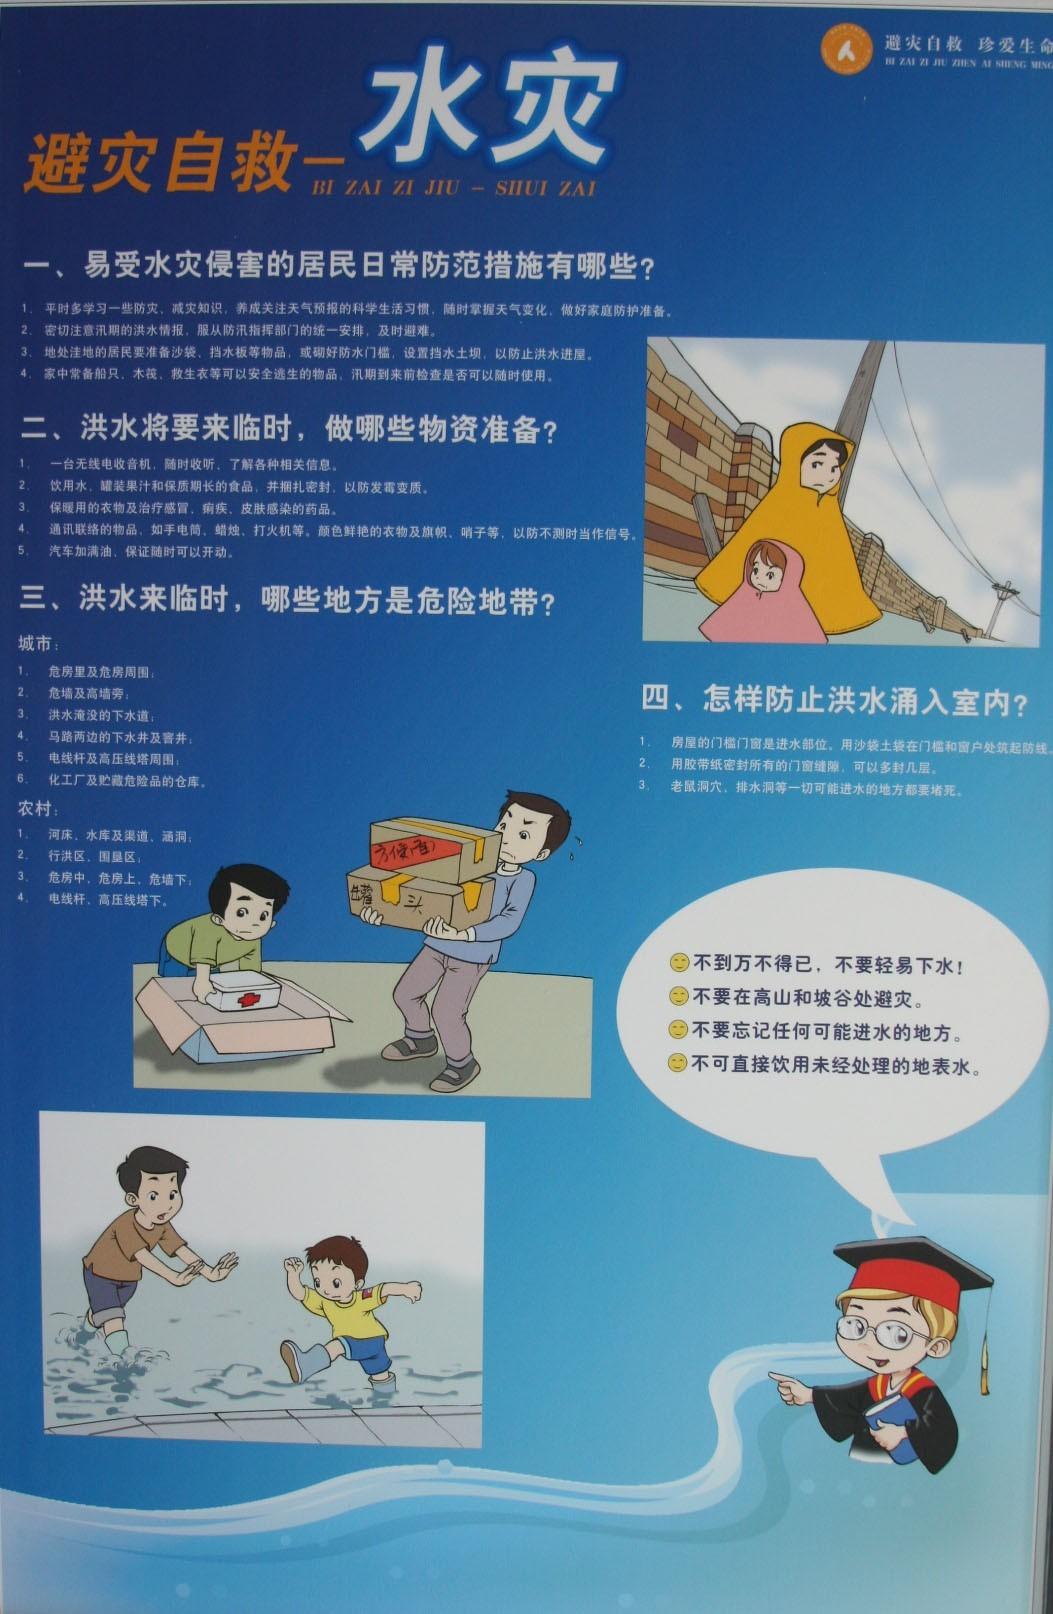 台风卡通图片